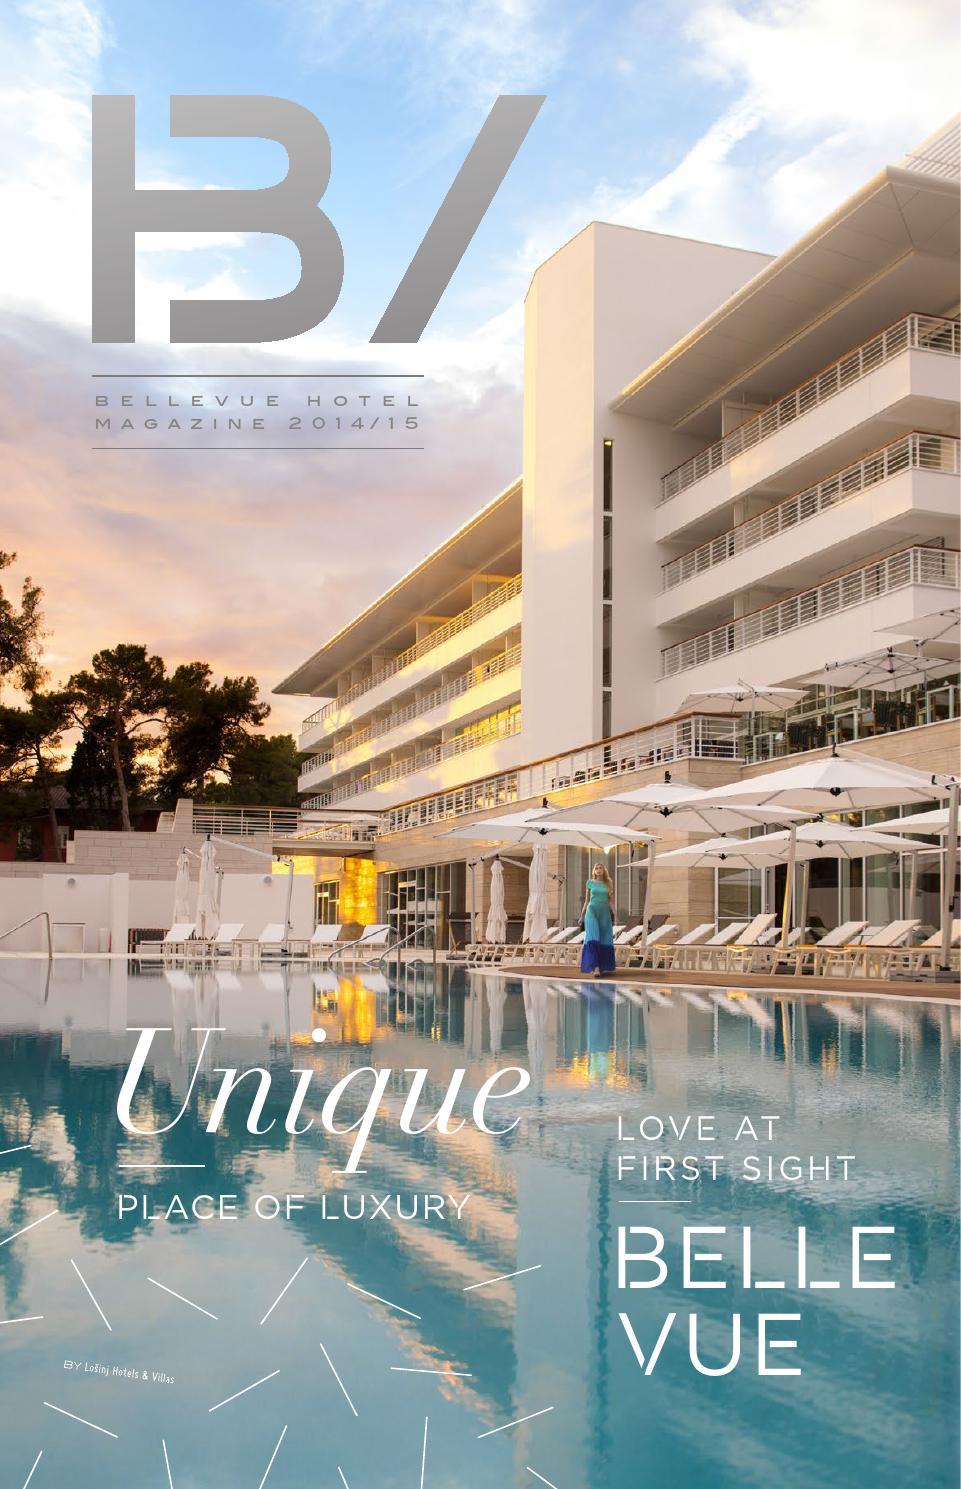 hotel bellevue lošinj (english)losinj hotels & villas